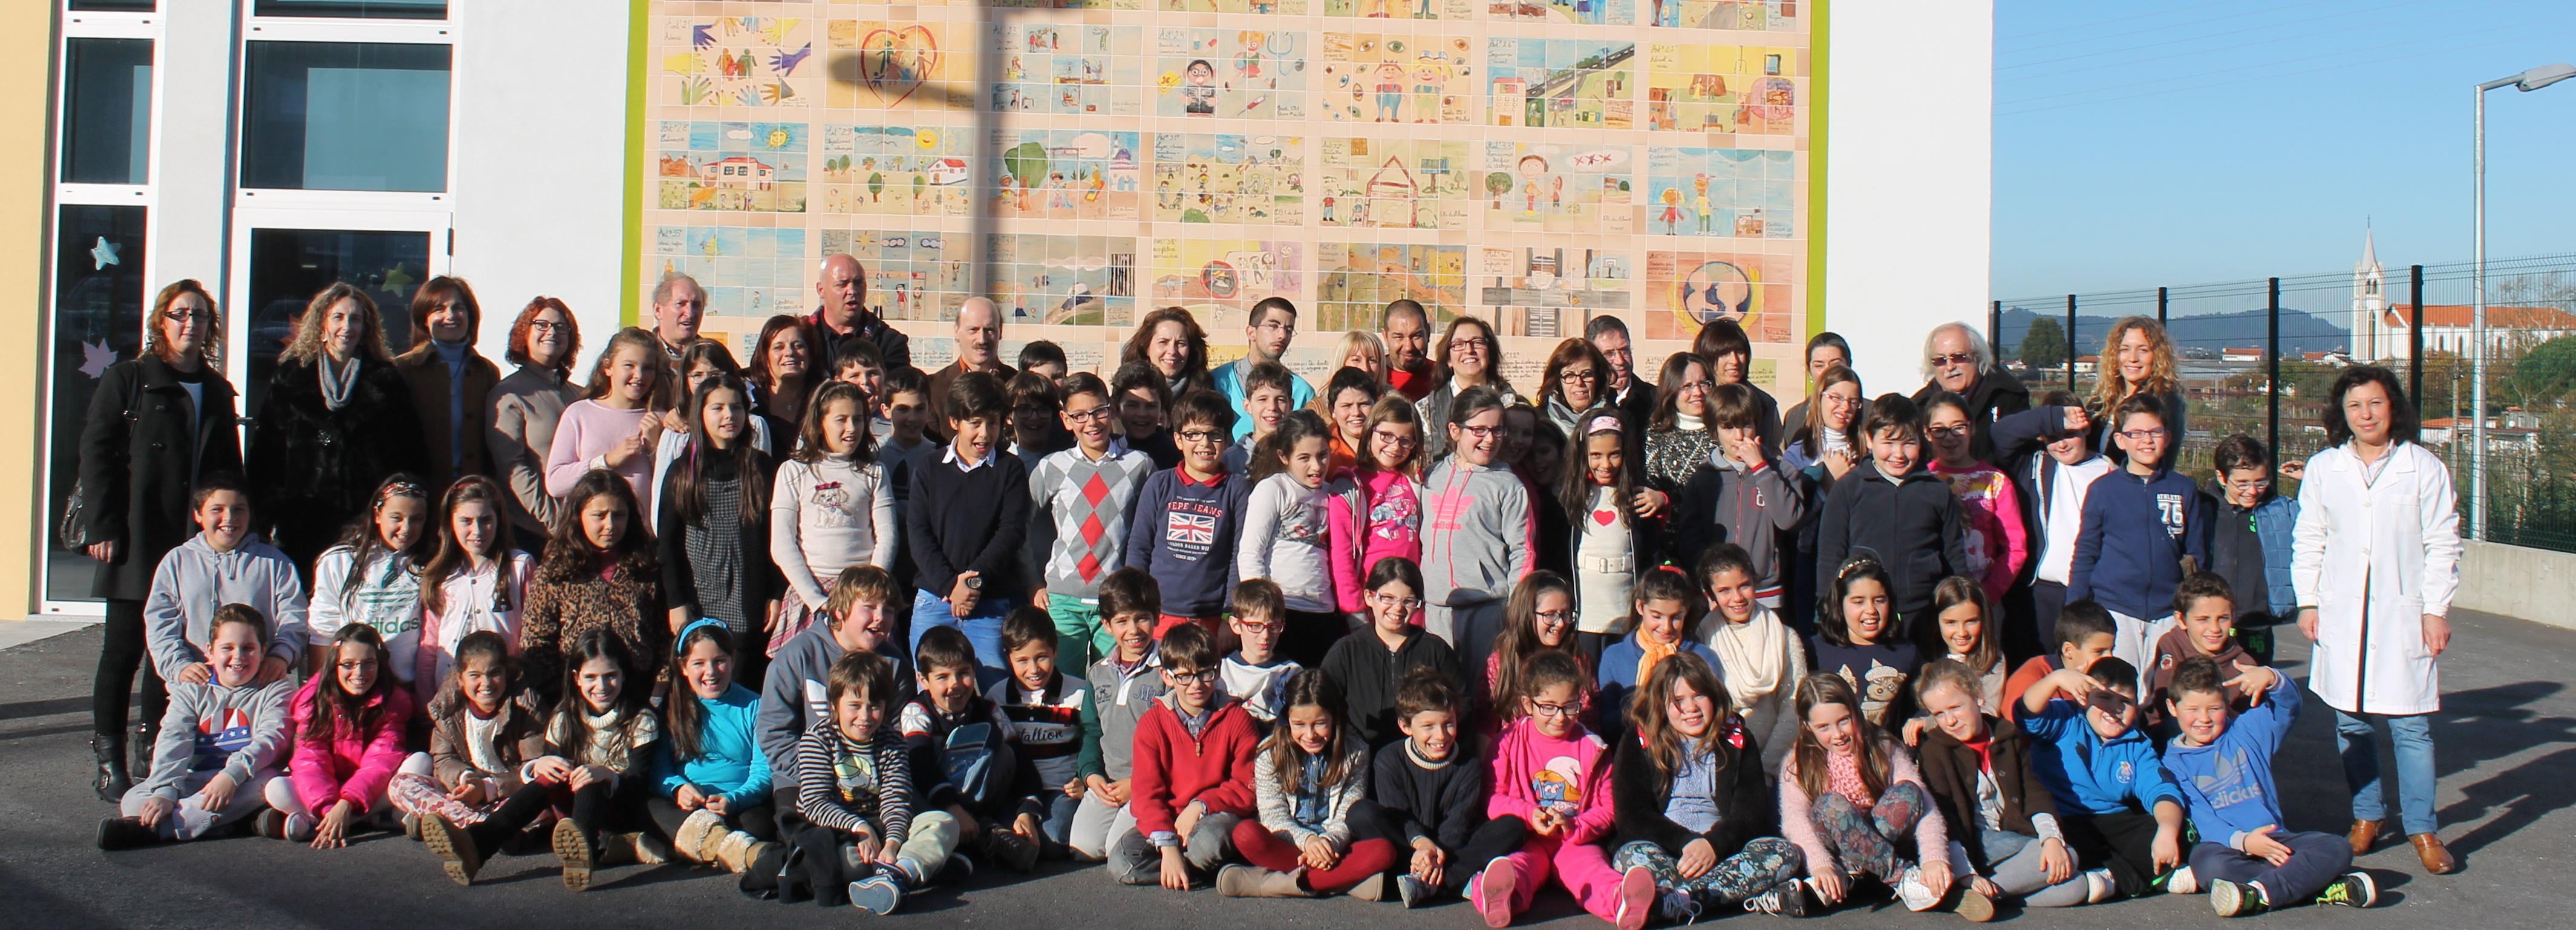 Escolas do concelho realizam Semana dos Direitos Humanos